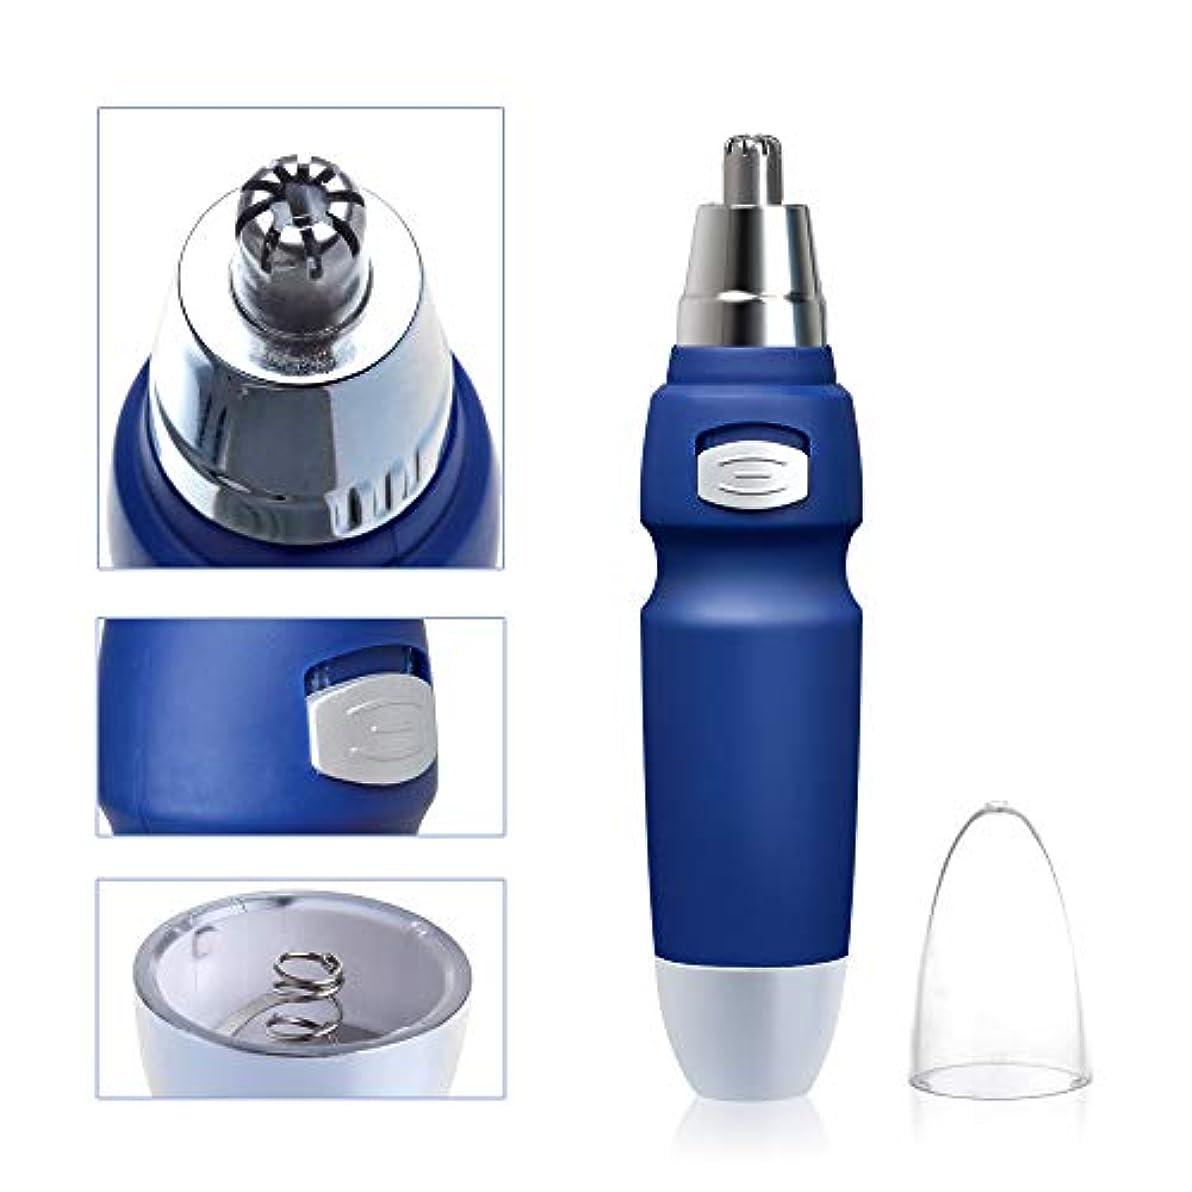 非アクティブボトル最も遠い鼻毛トリマー鼻ウールはトリマークリッパーヘアカミソリ脱毛器リムーバー洗浄鼻毛カットを実装します